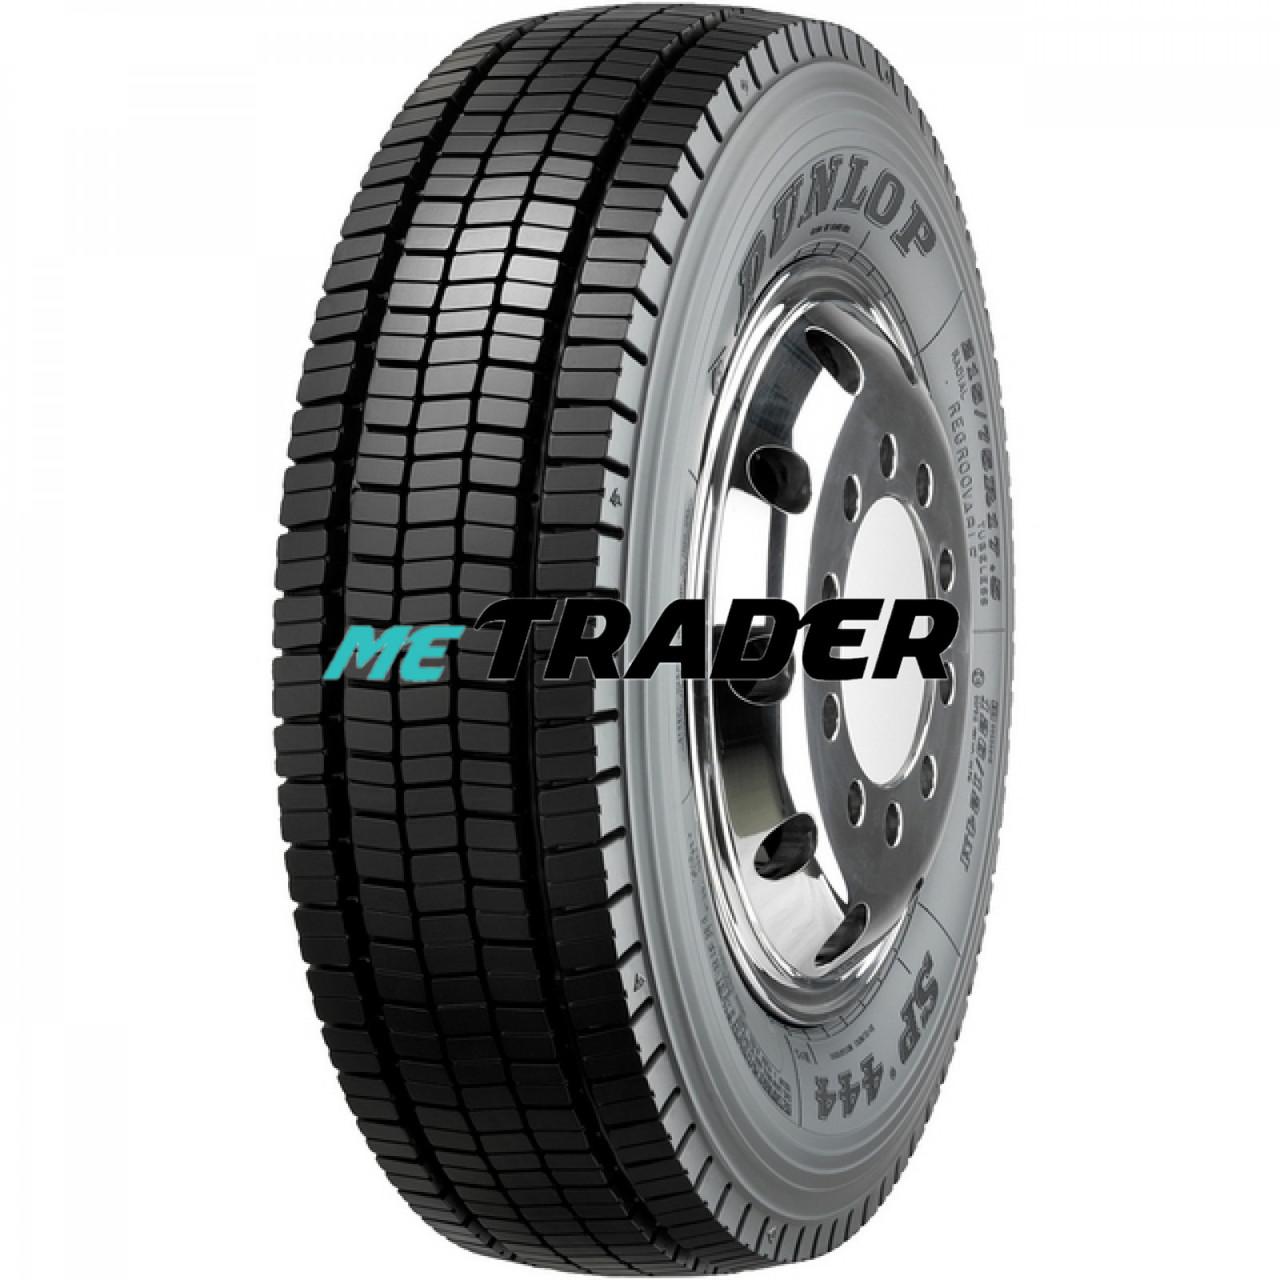 Dunlop SP444 235/75 R17.5 132/130M